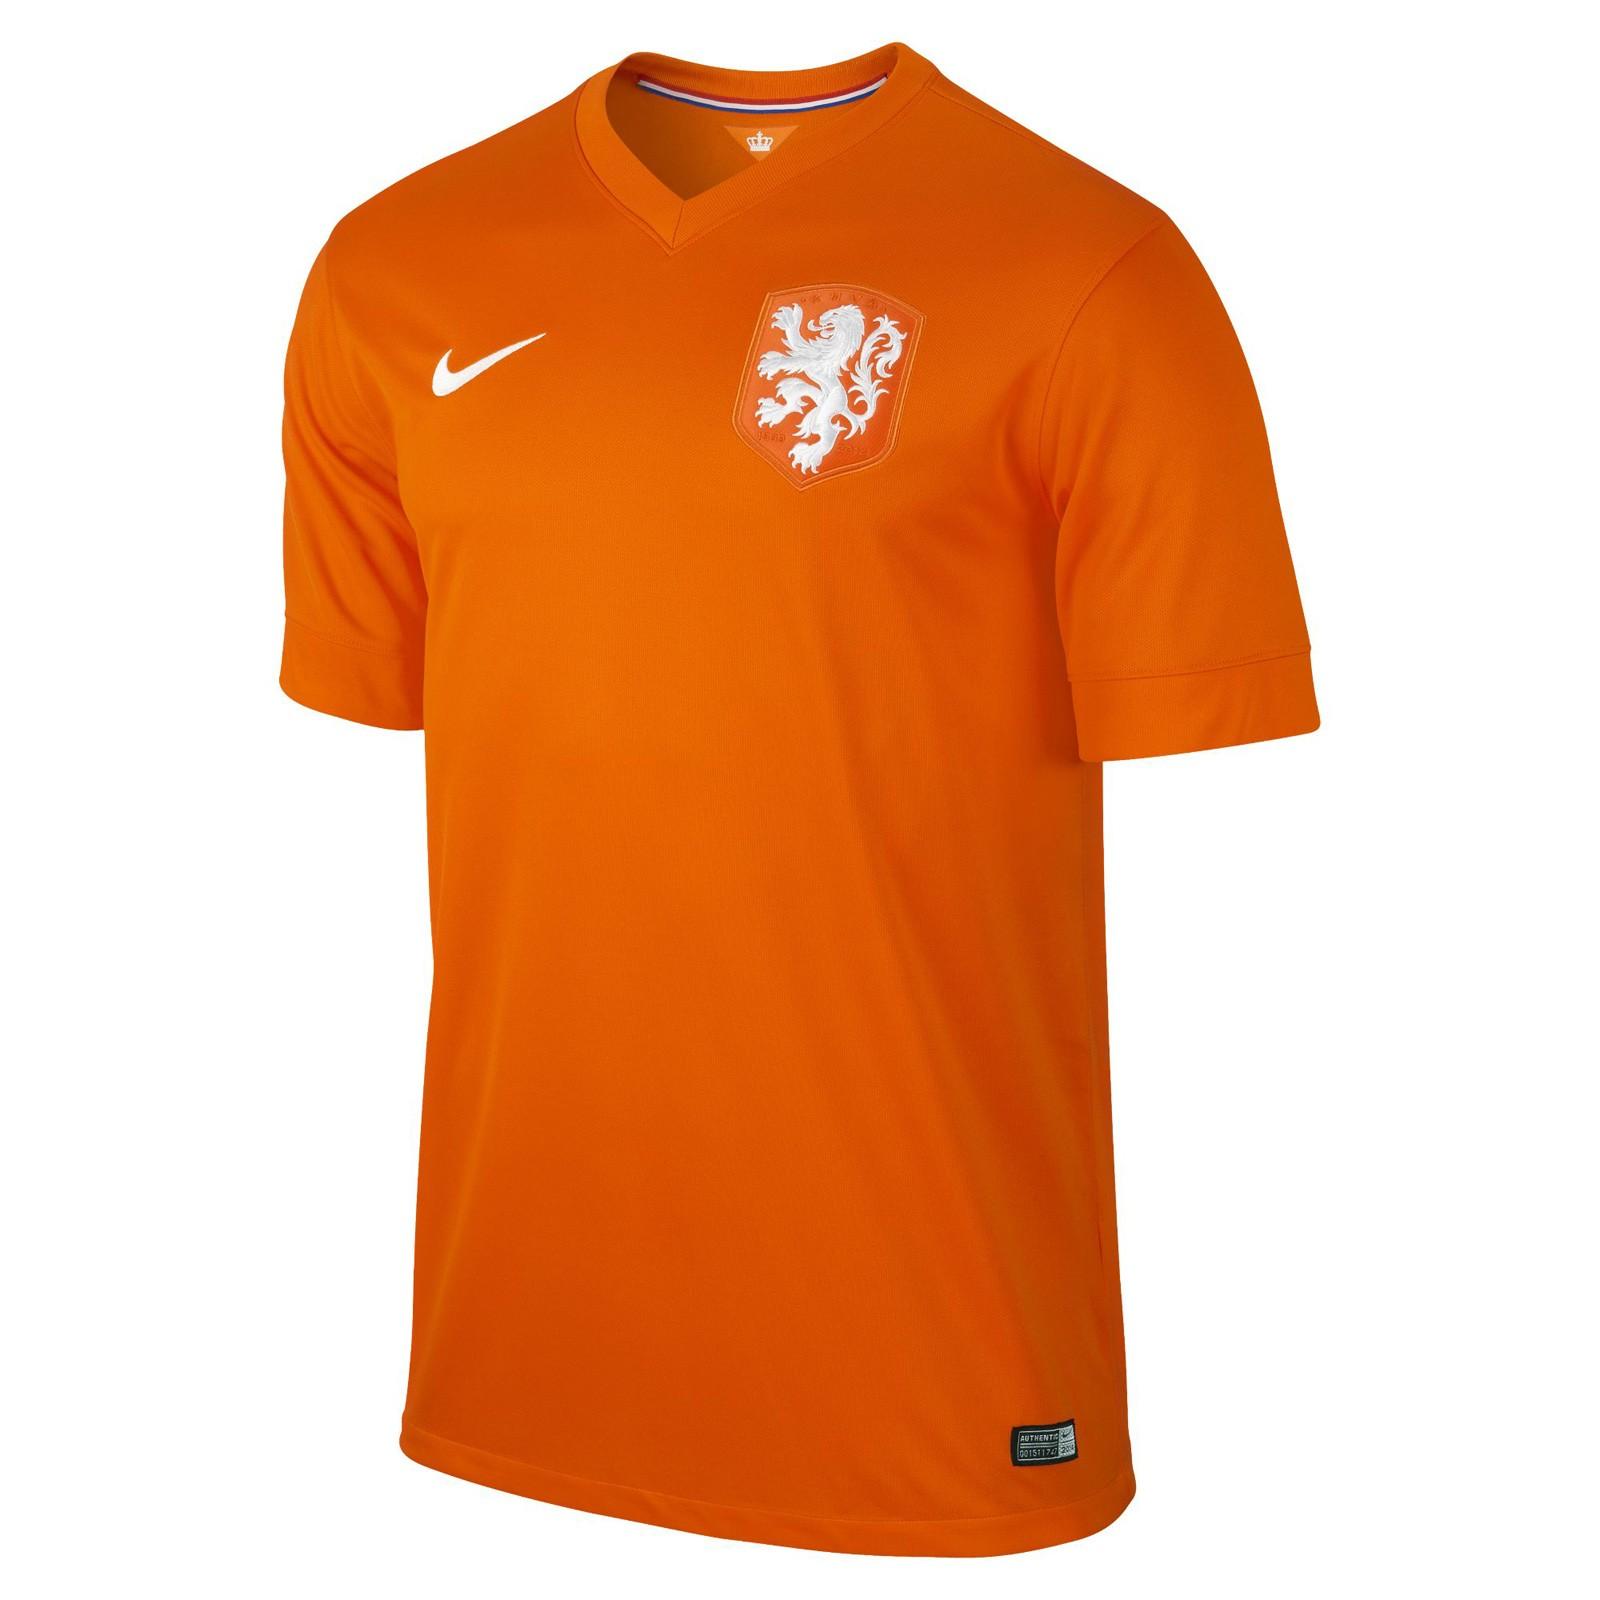 荷兰国家队2014世界杯球迷版主场球衣